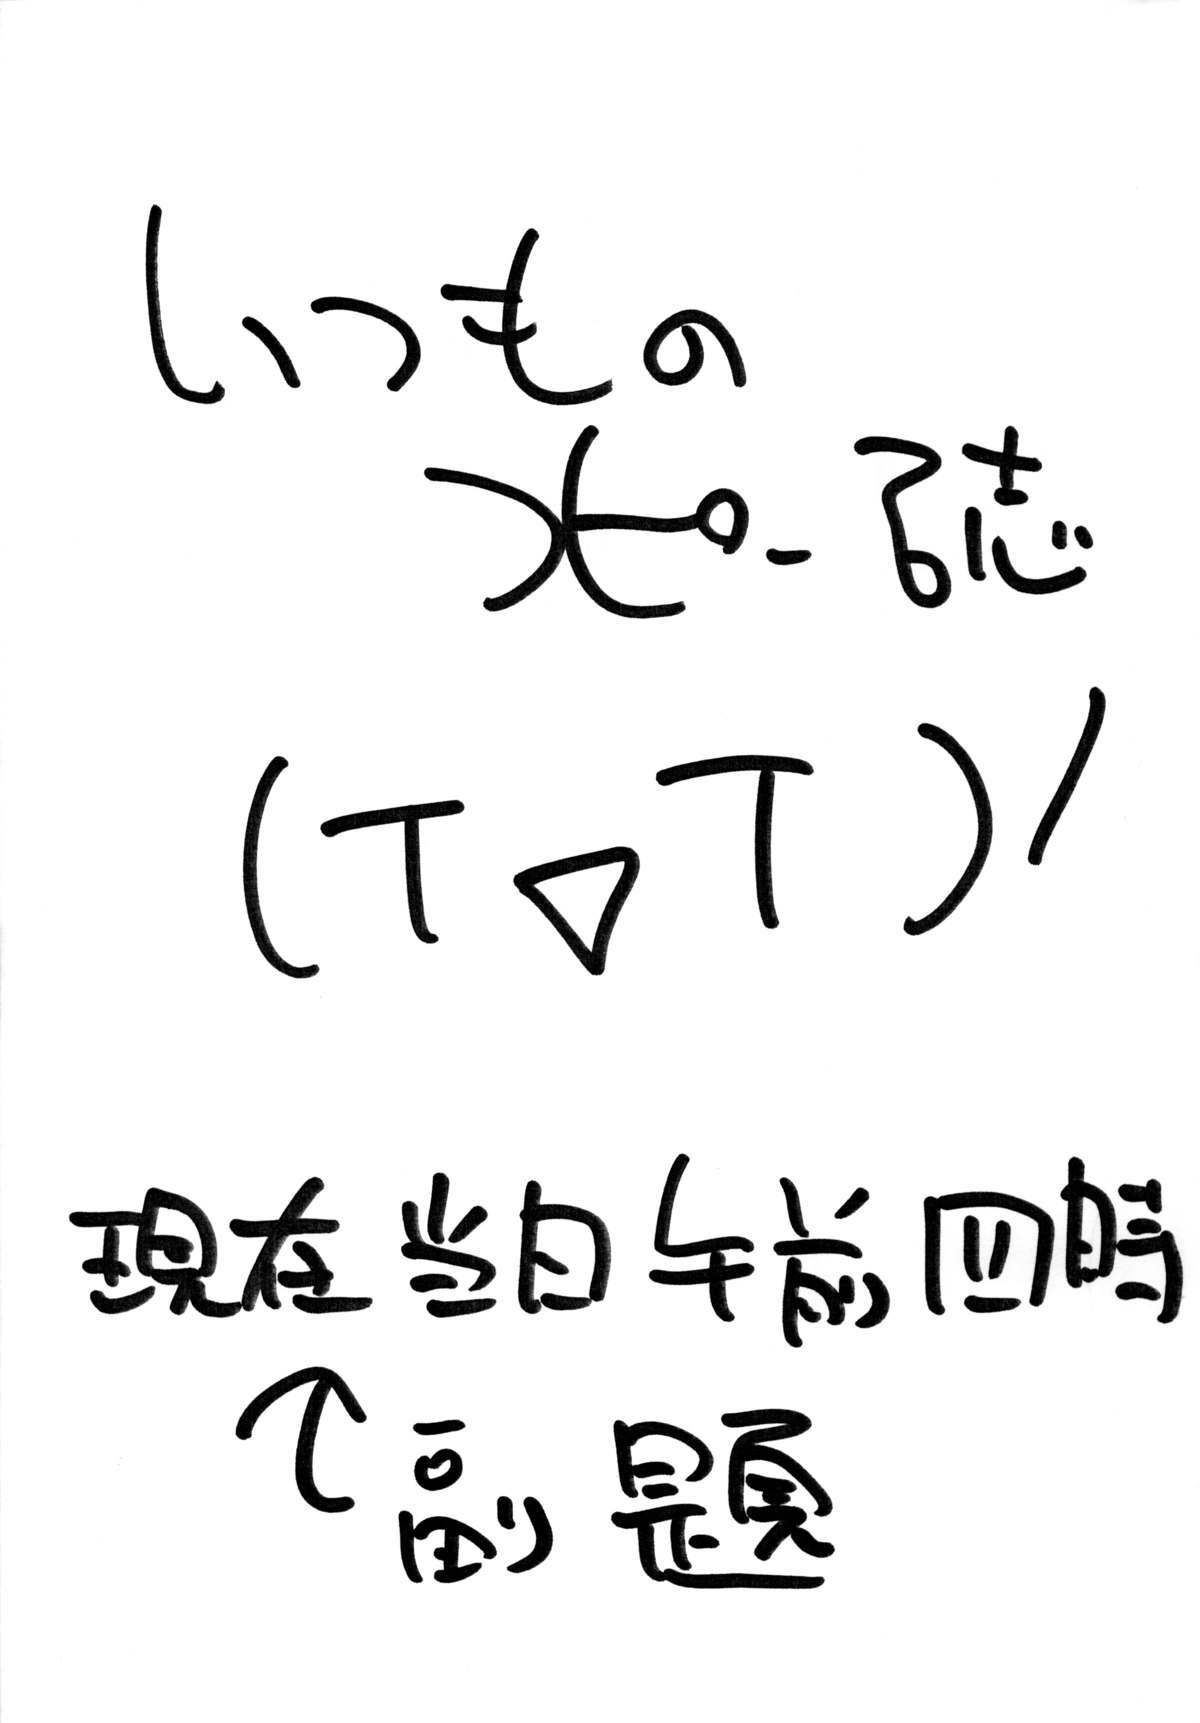 Anthology - Saku Saku Circle - Itsumo no 0